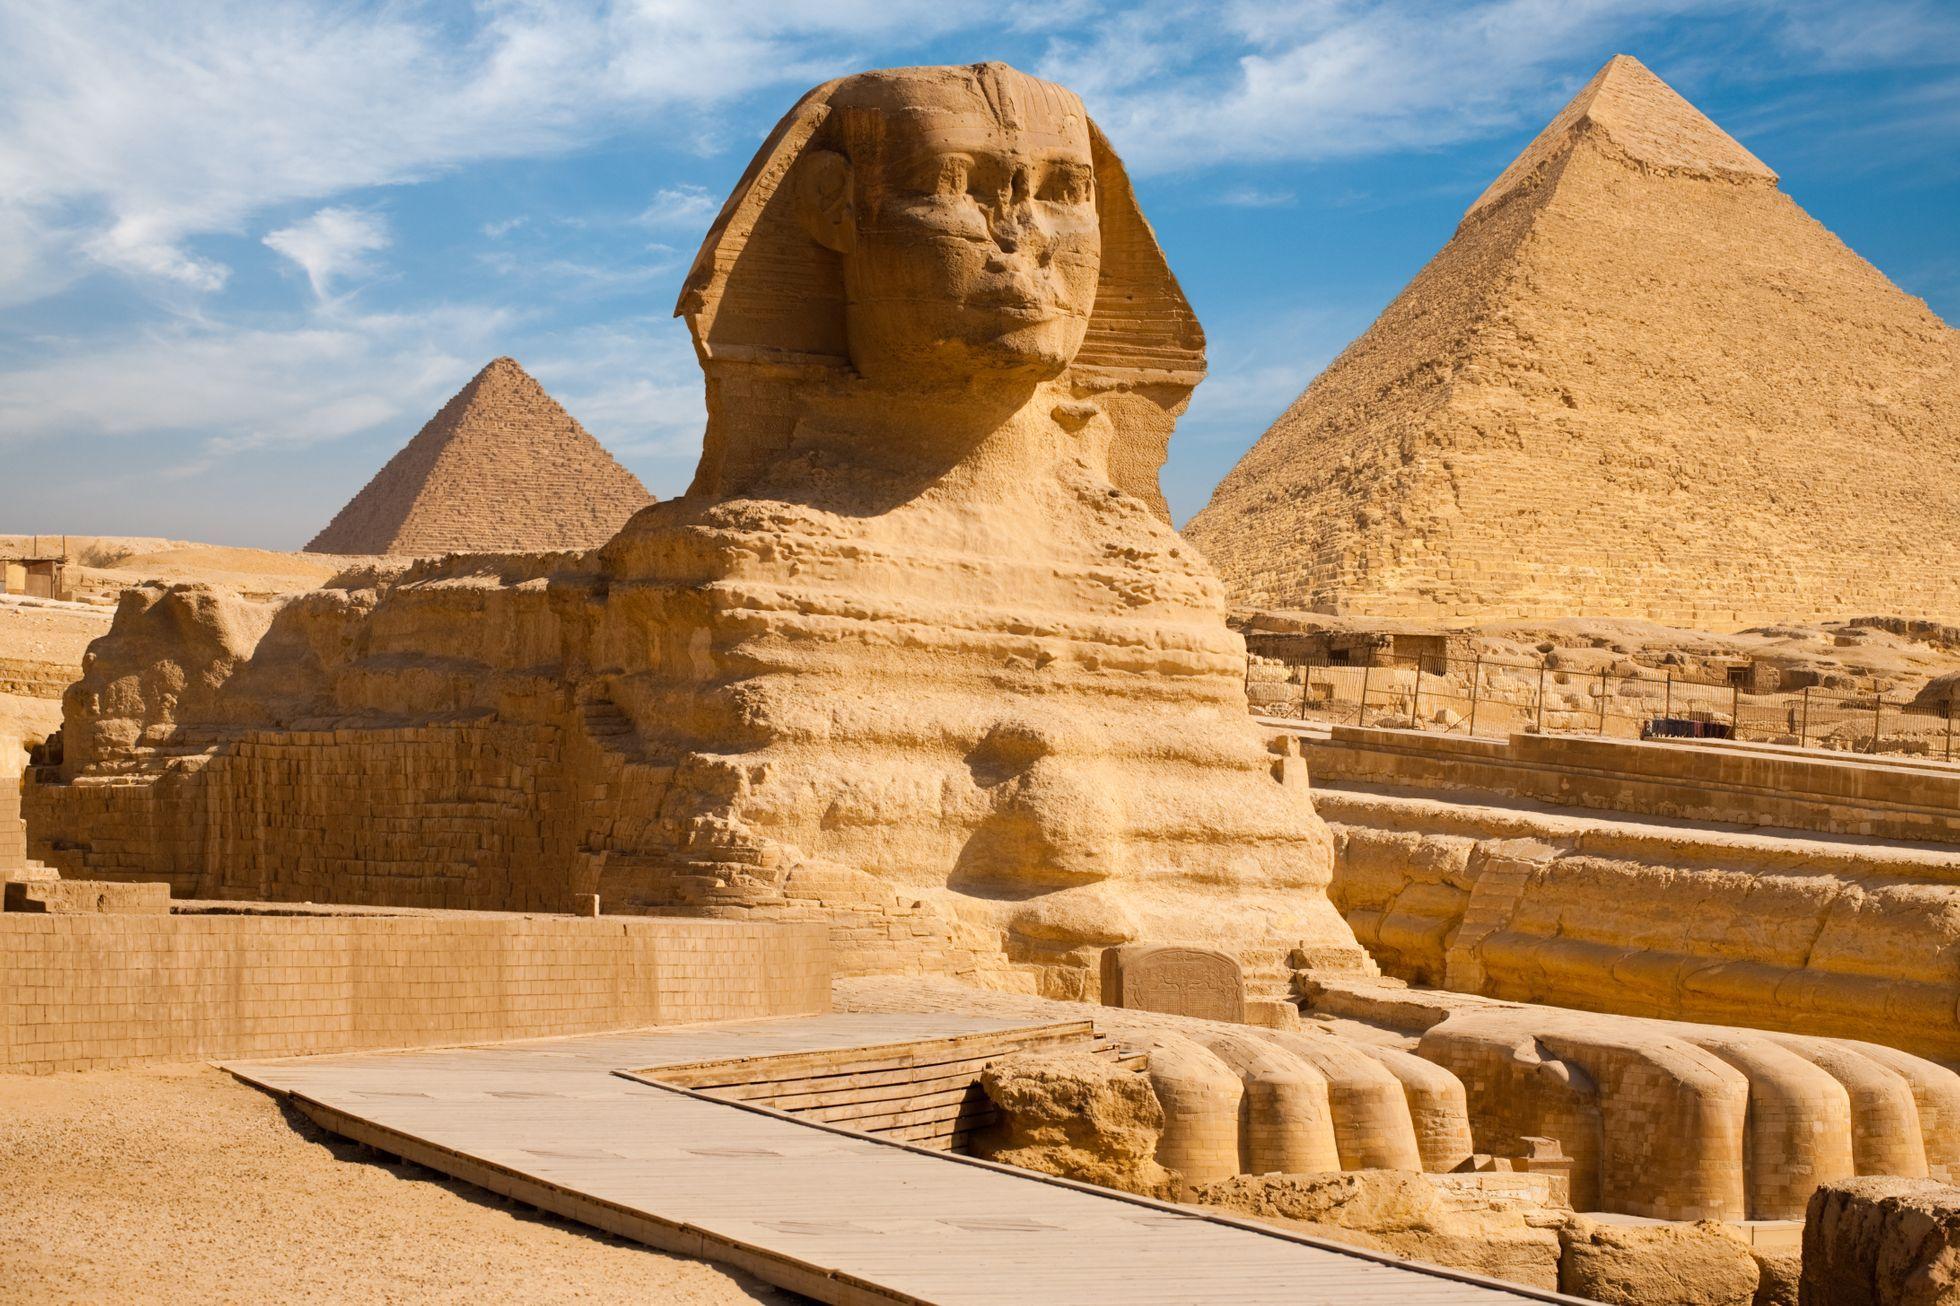 """Archeologové objevili u Luxoru """"egyptské Pompeje"""". Může to být objev století, jásají"""